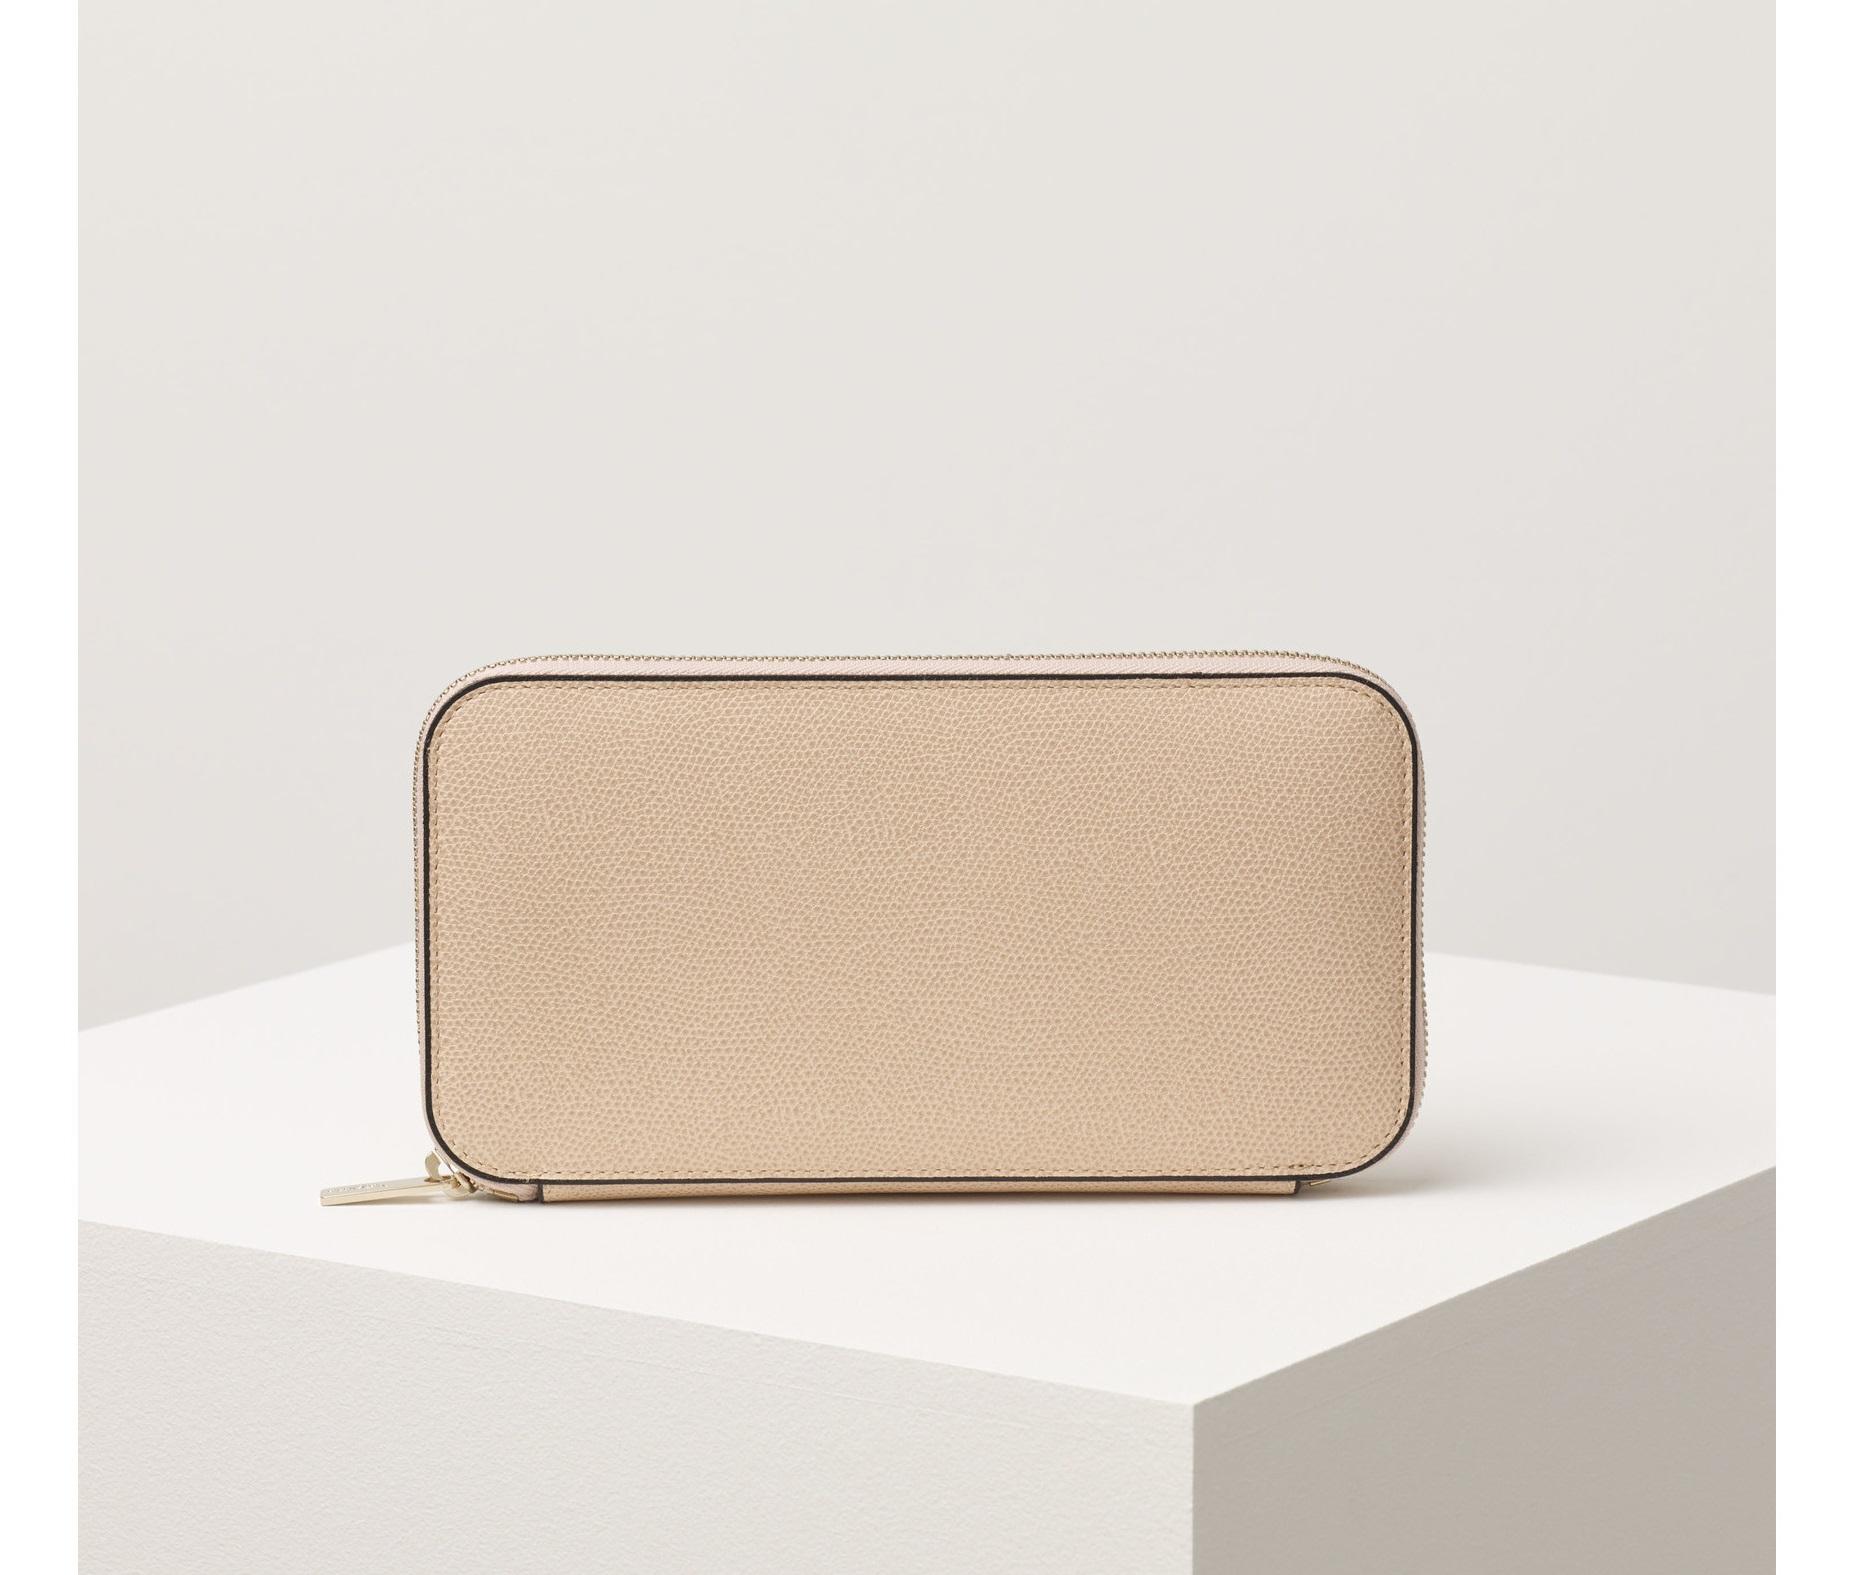 Valextra(ヴァレクストラ) レディース財布